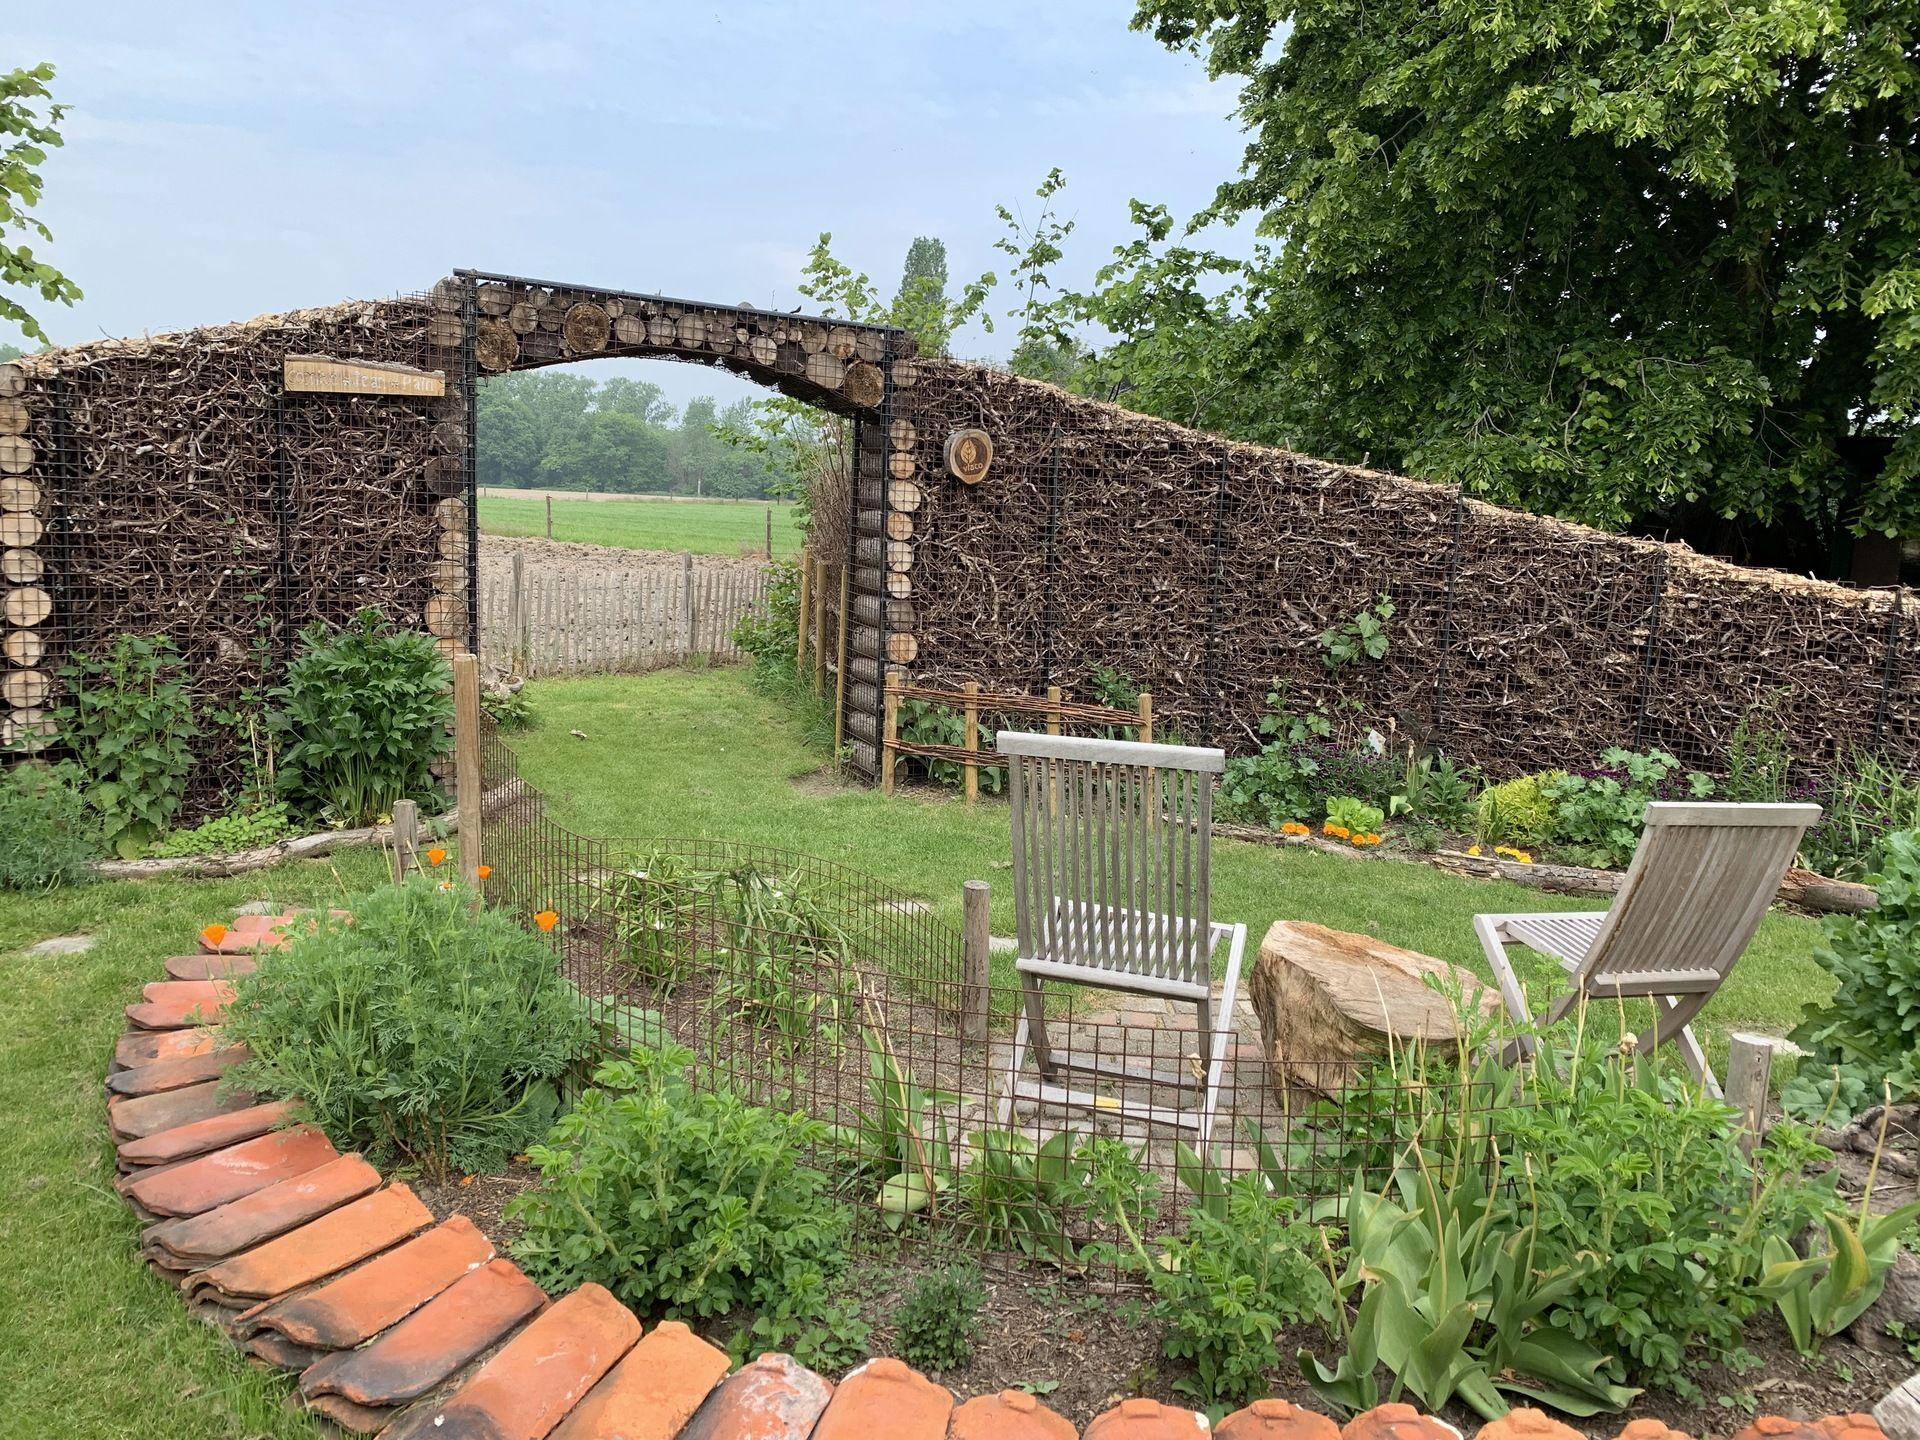 Comment Réaliser Un Aménagement Paysager Pour Votre Jardin pour Comment Creer Un Jardin Paysager